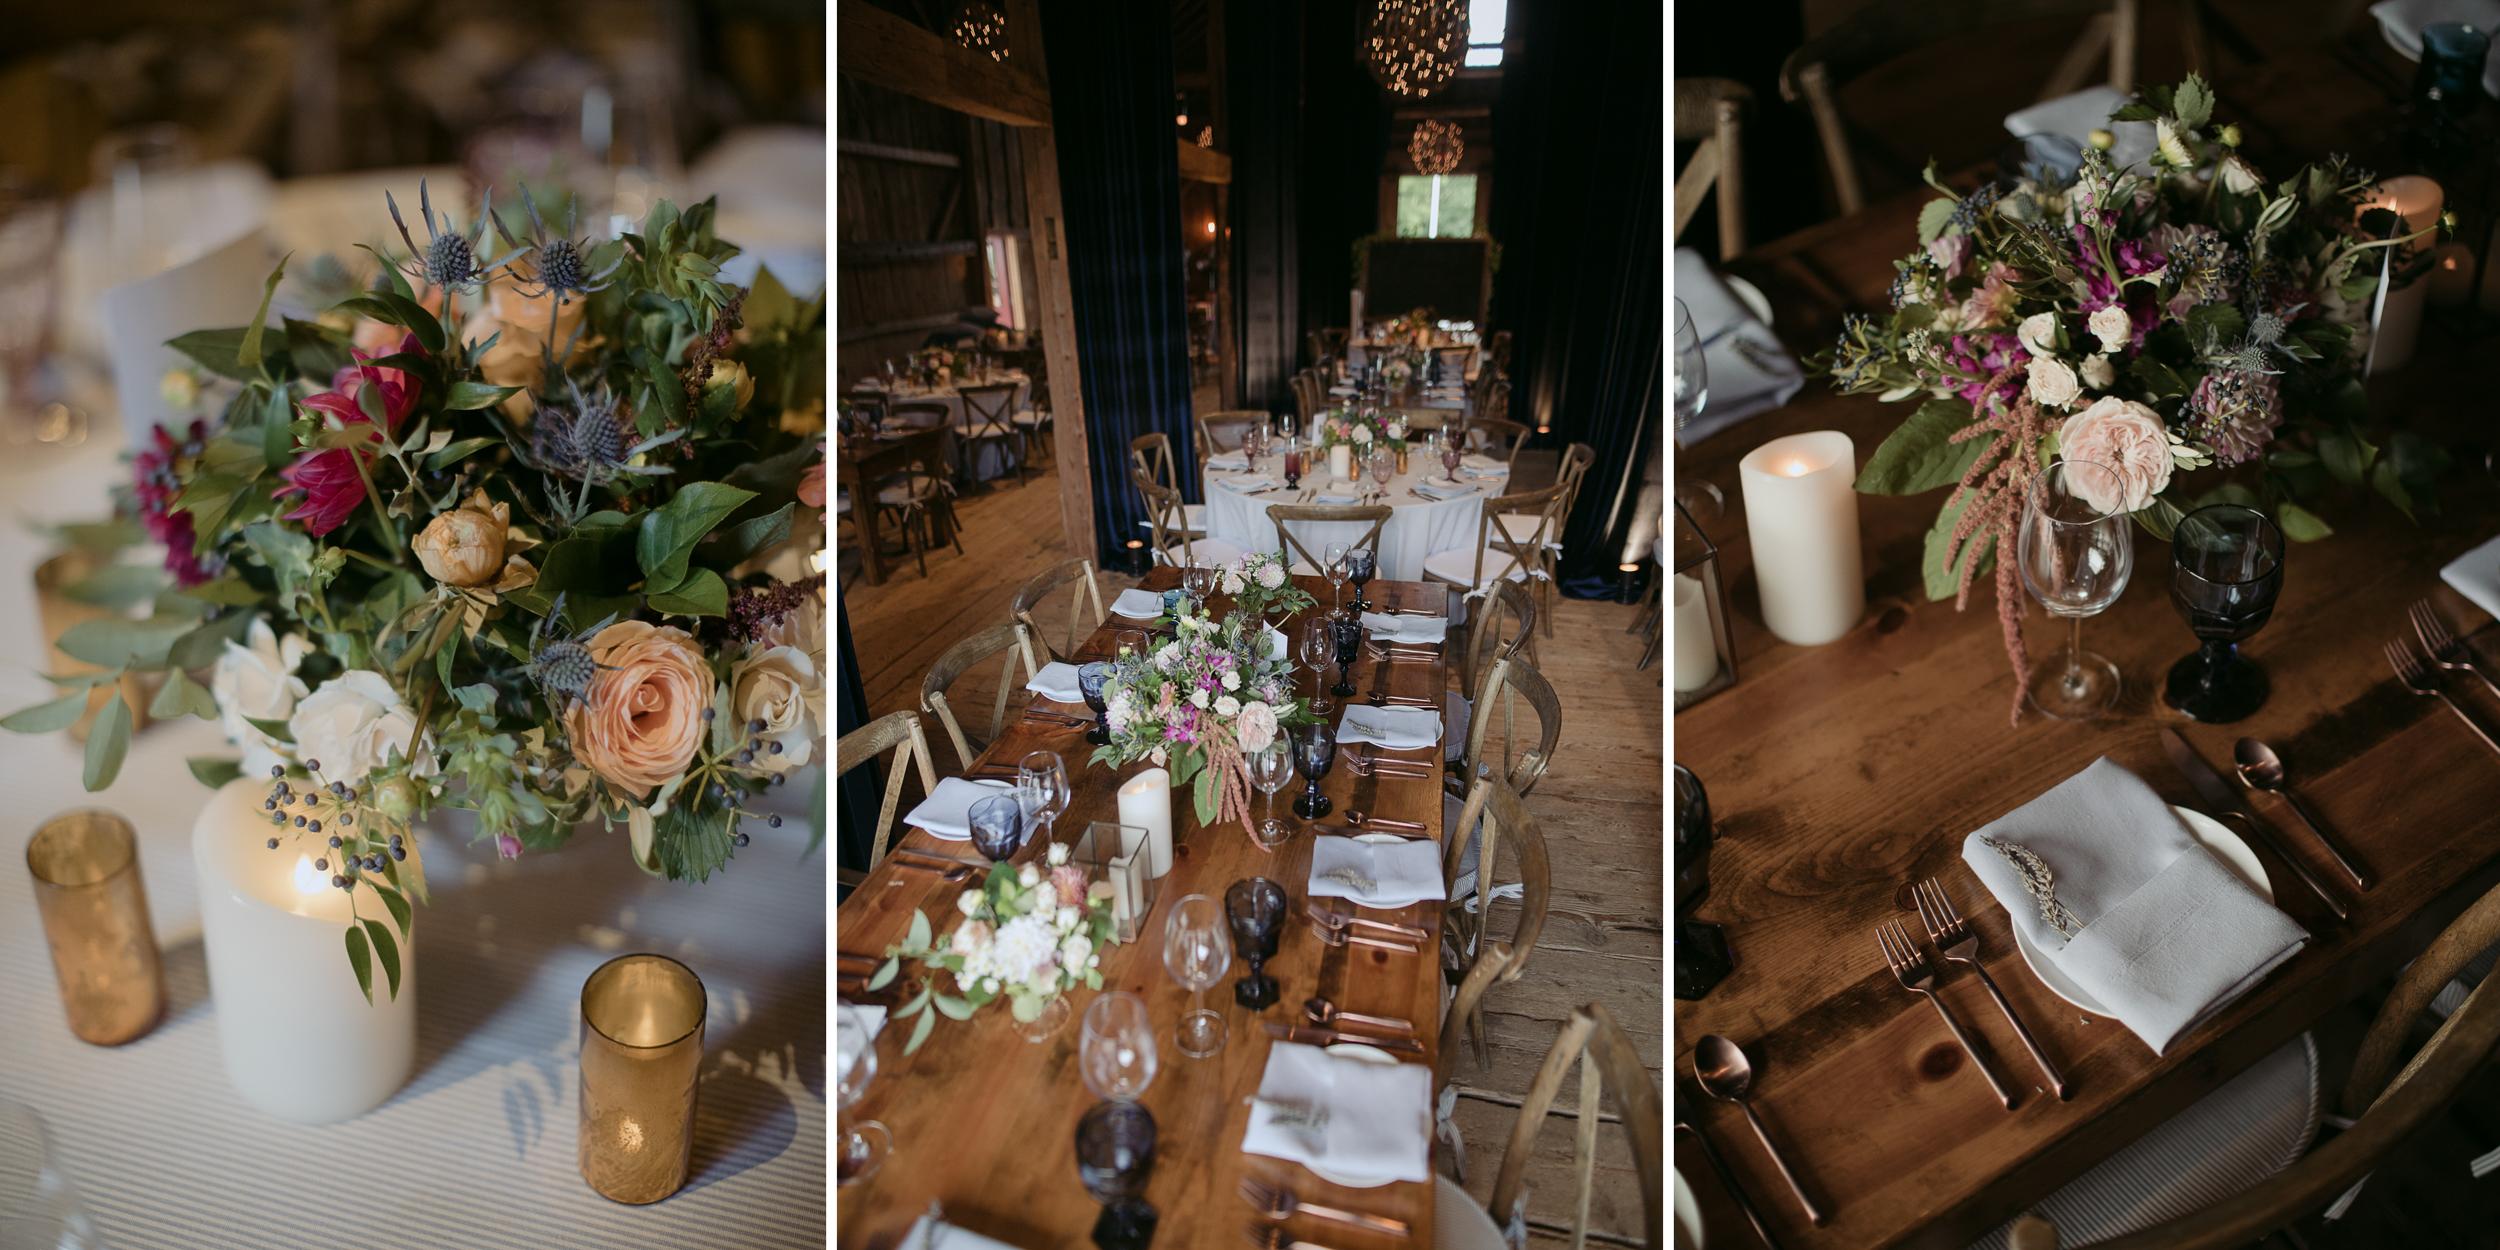 william_allen_farm_pownal_wedding_maine_michelleben-21.jpg